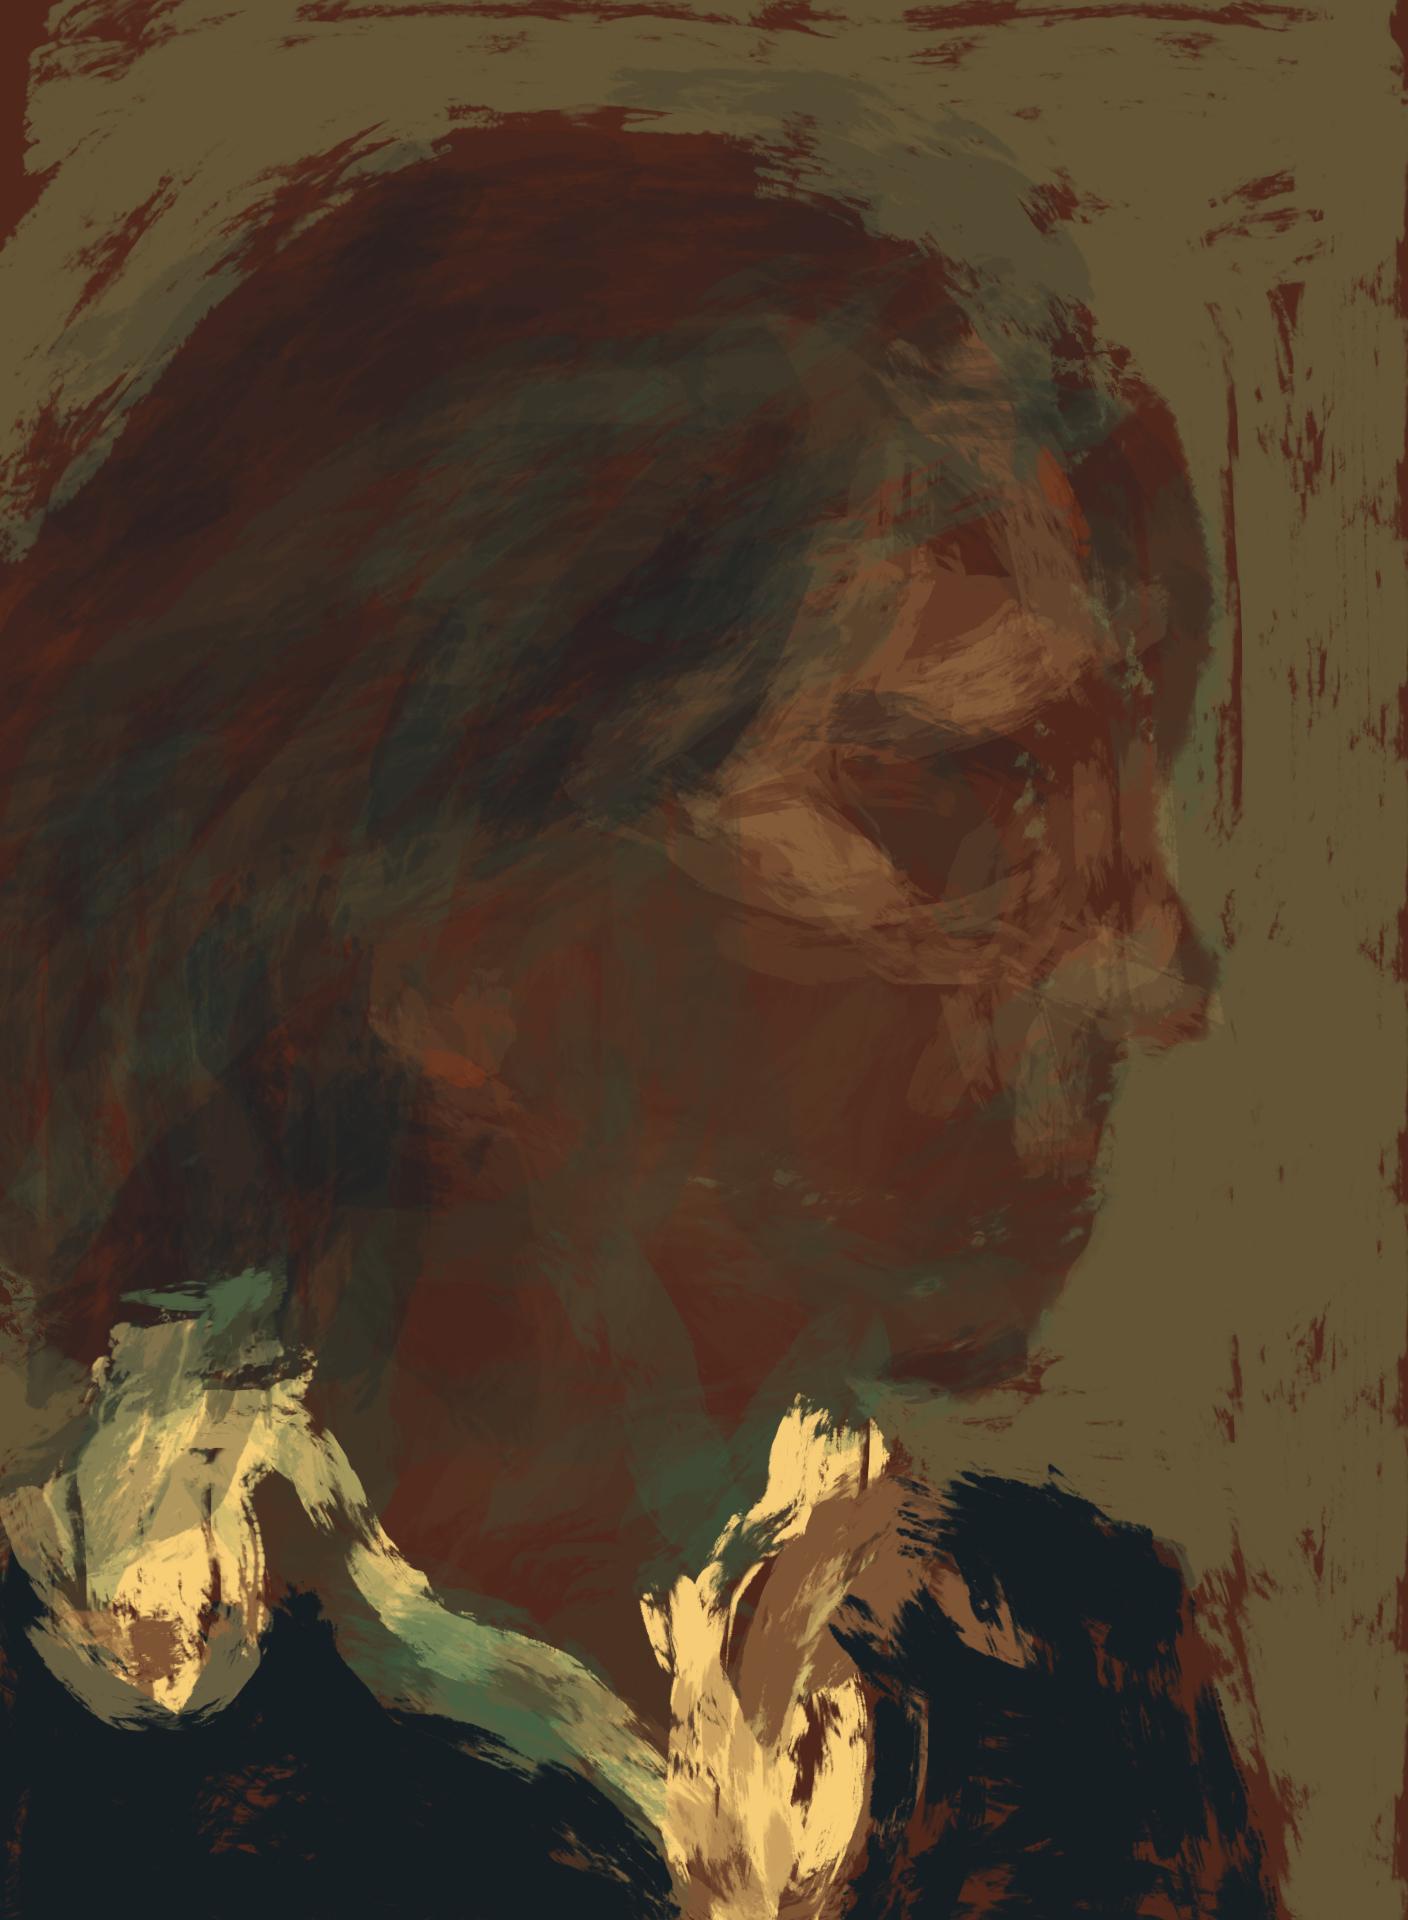 Untitled artwork 2013-01-31 (06.32.51-762 PM).jpg